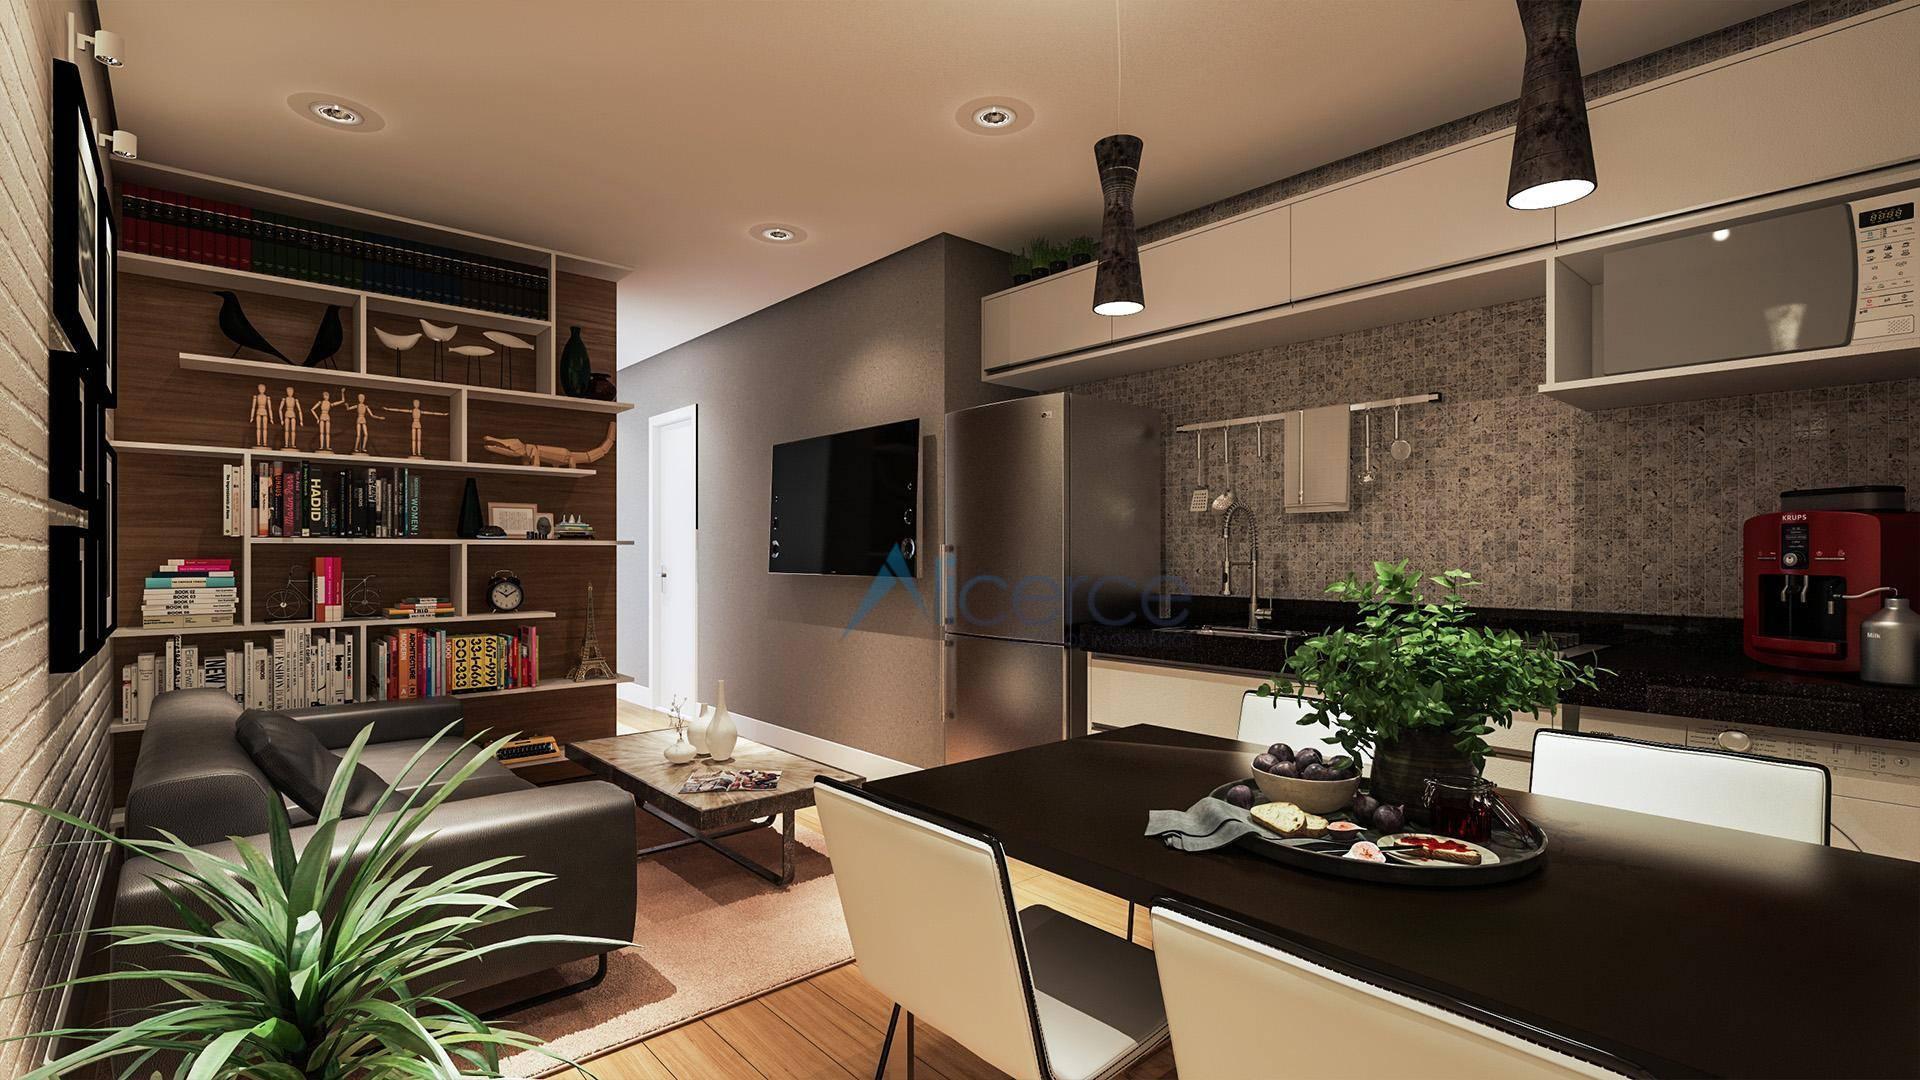 Studio com 1 quarto à venda, 34 m² por R$ 291.800 - Cascatinha - Juiz de Fora/MG